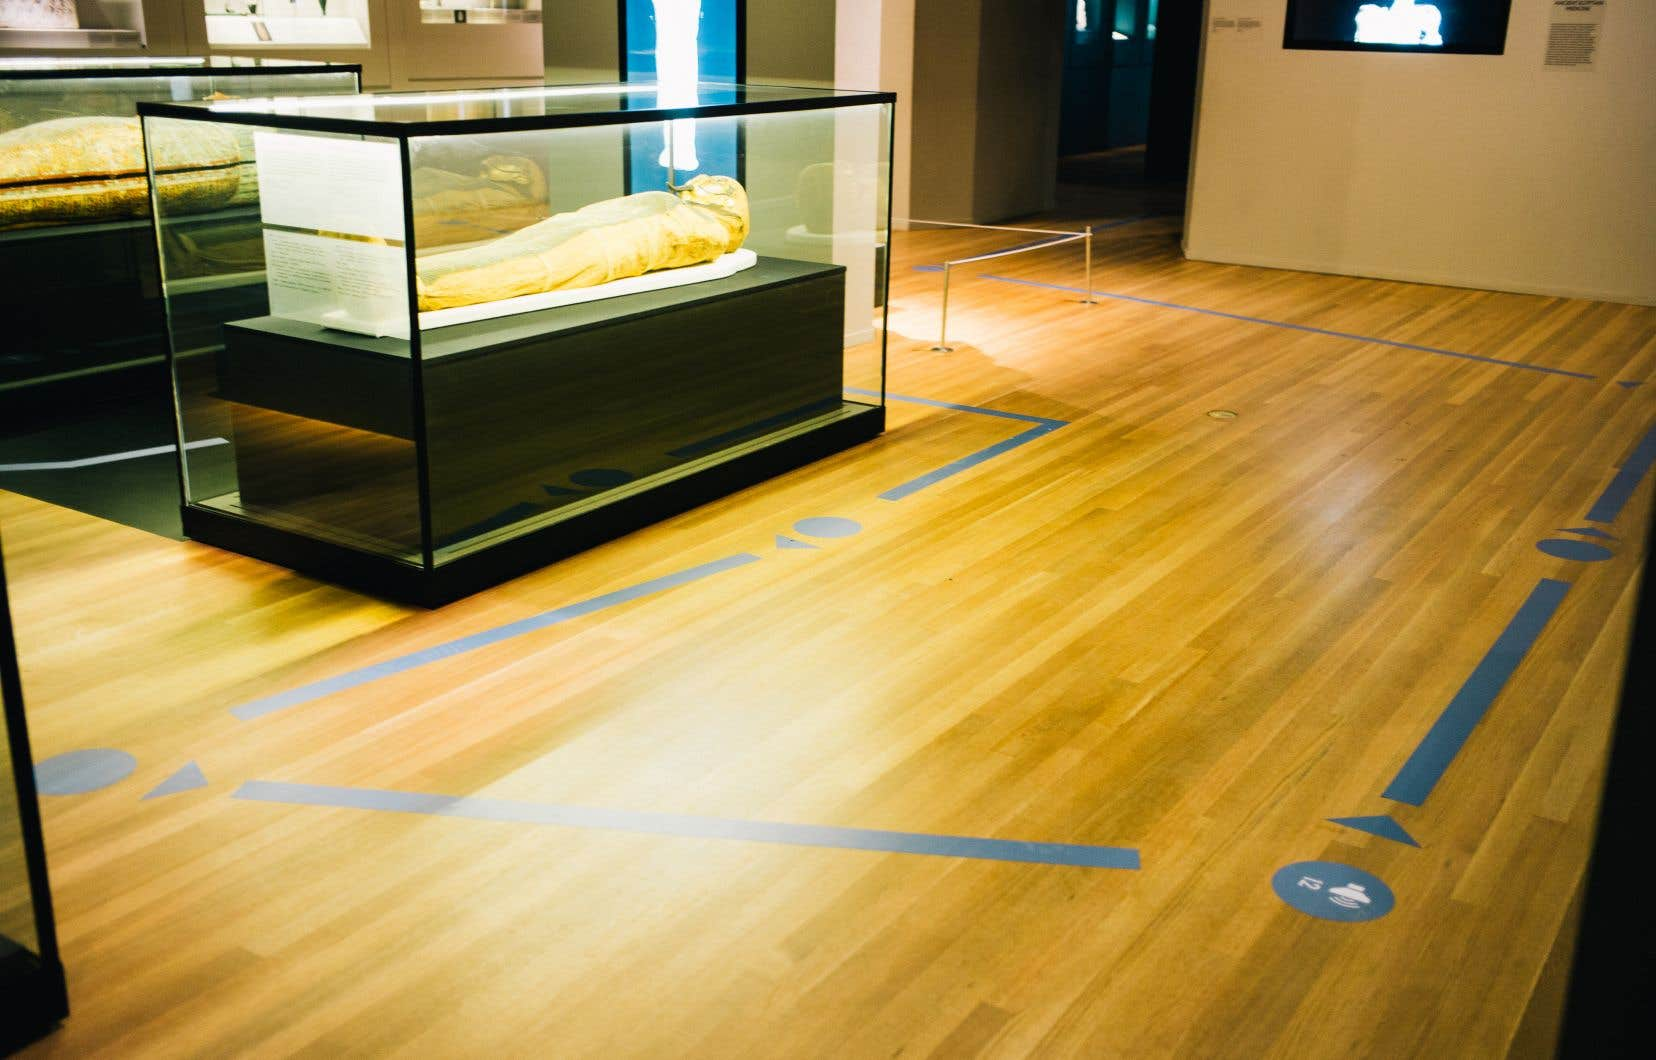 «Les musées sont des espaces sécuritaires où les visiteurs en mouvement portent le couvre-visage obligatoirement et empruntent des parcours balisés», rappelle M. Chagnon.